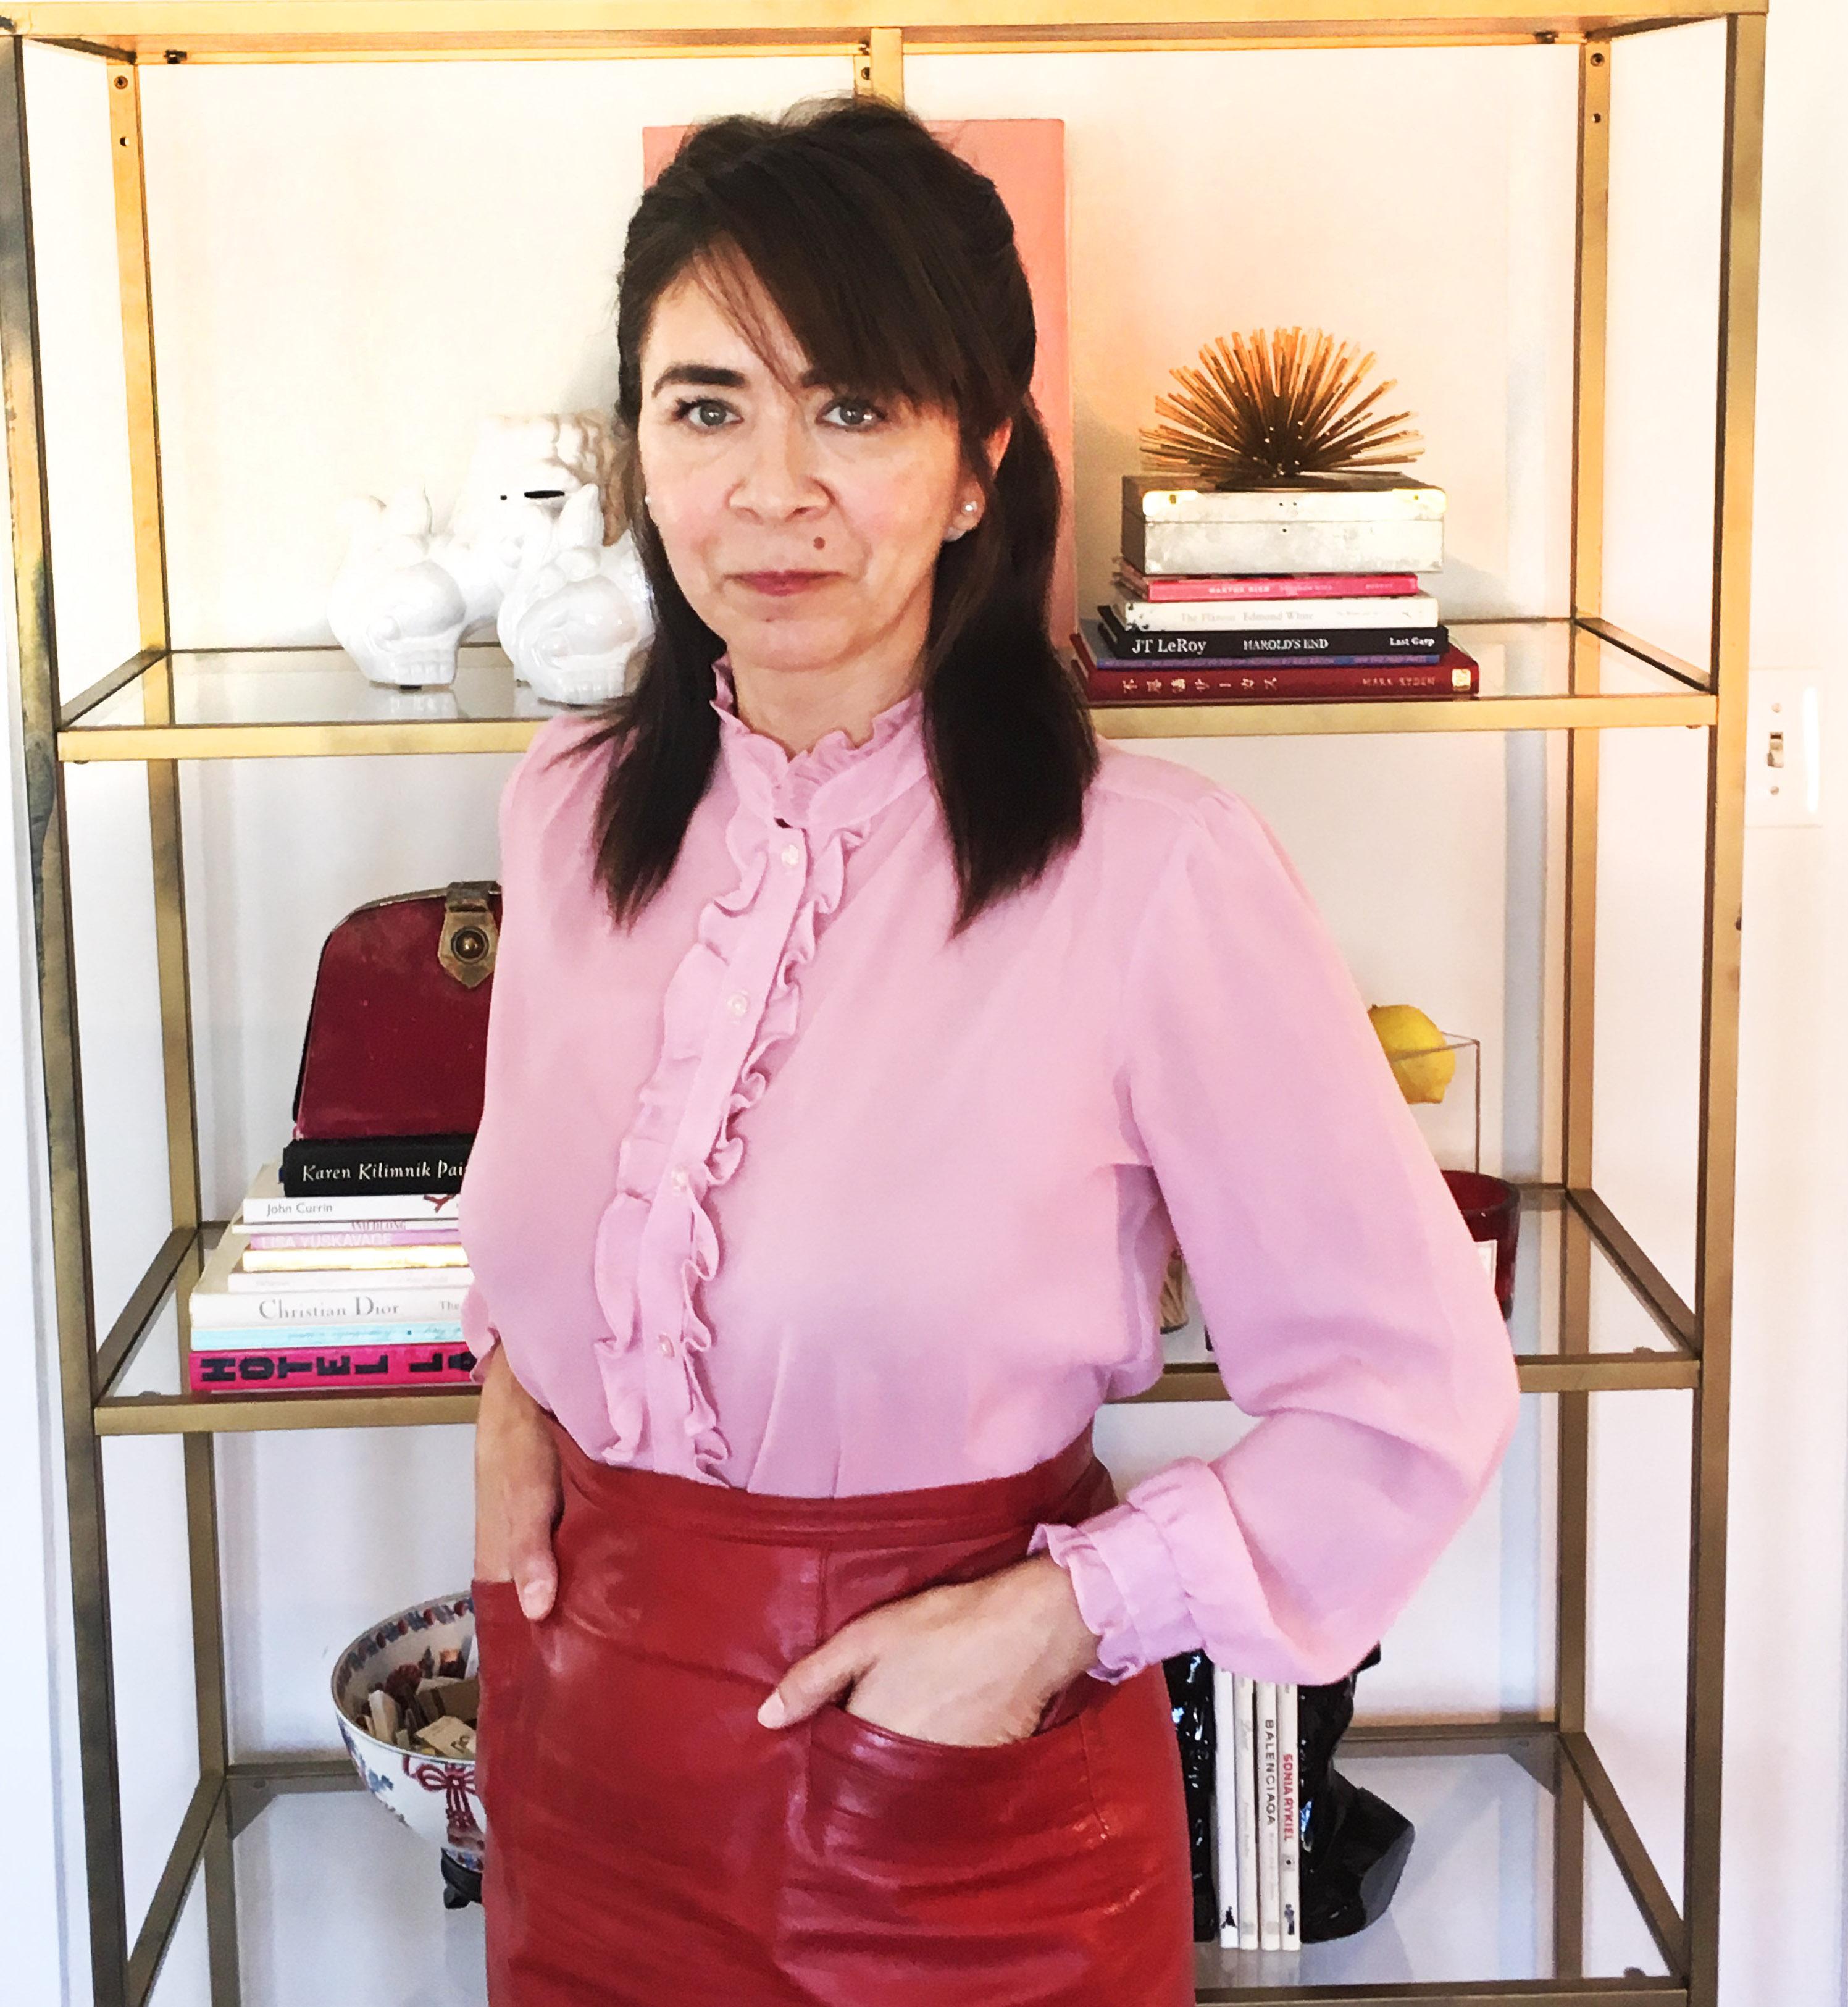 fashion forecasting expert Arlene Guerra